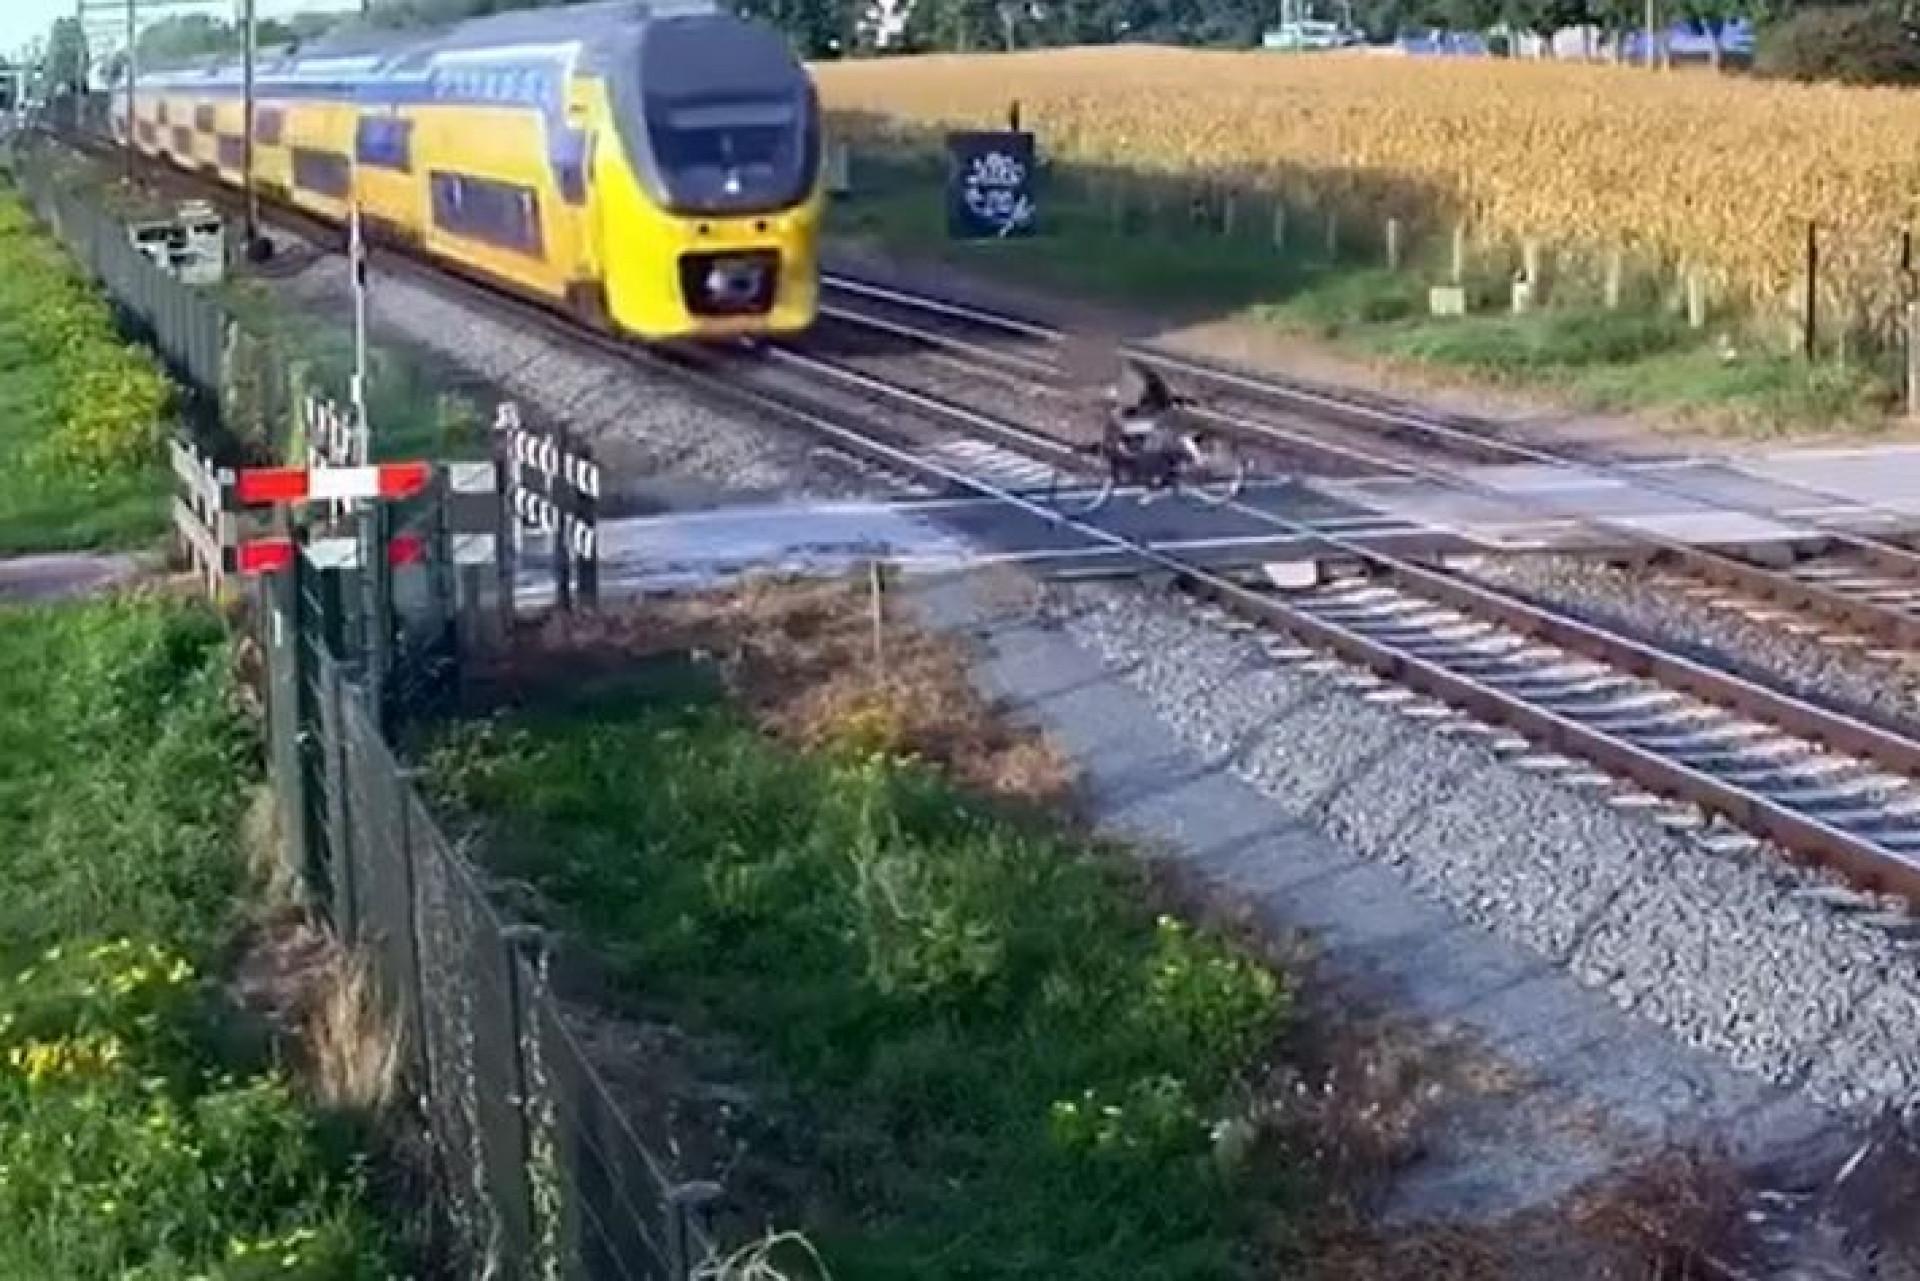 Ciclista evita ser atropelado por comboio por muito pouco